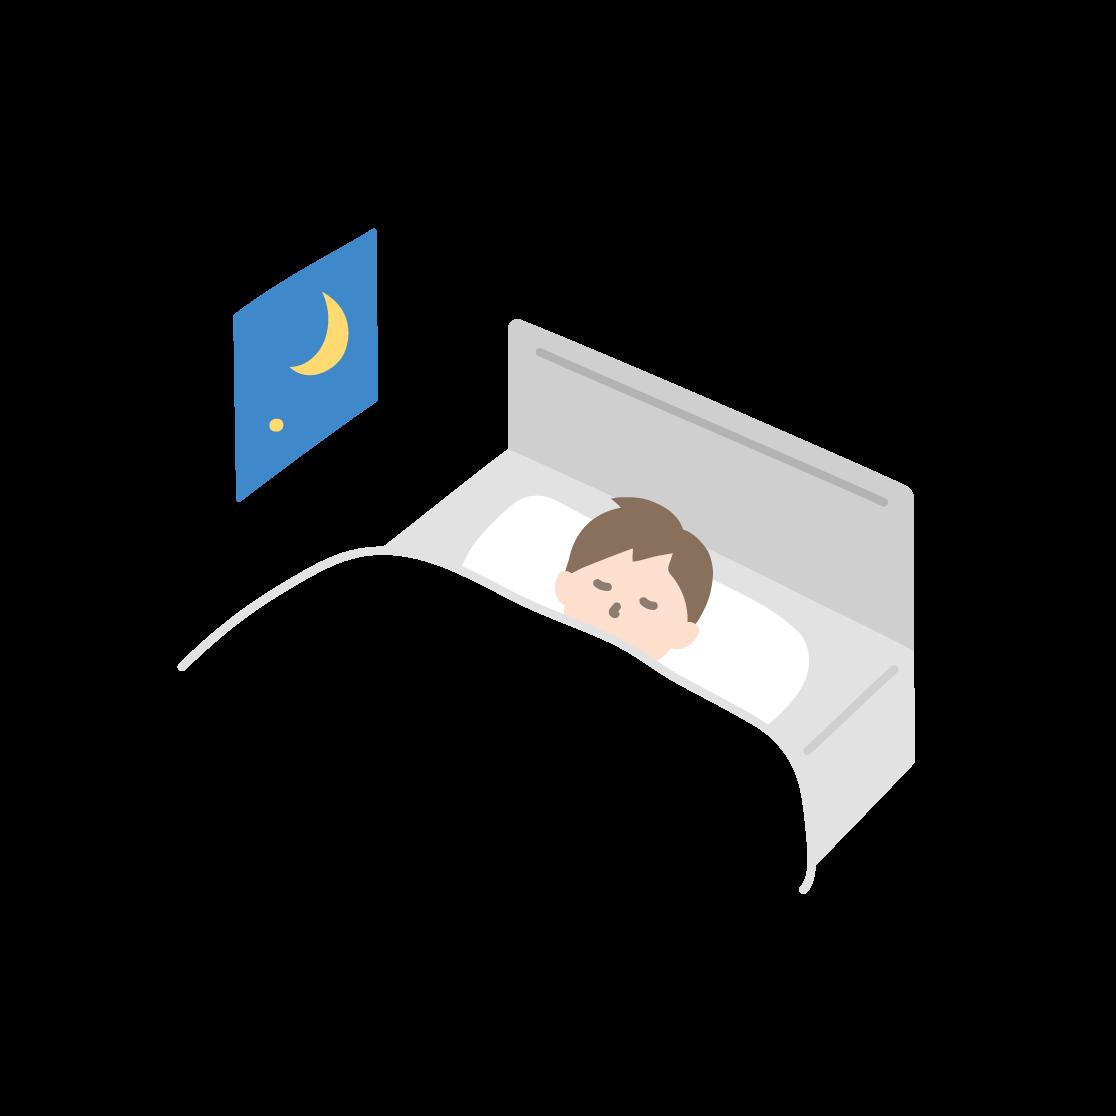 寝ている男性の塗りイラスト